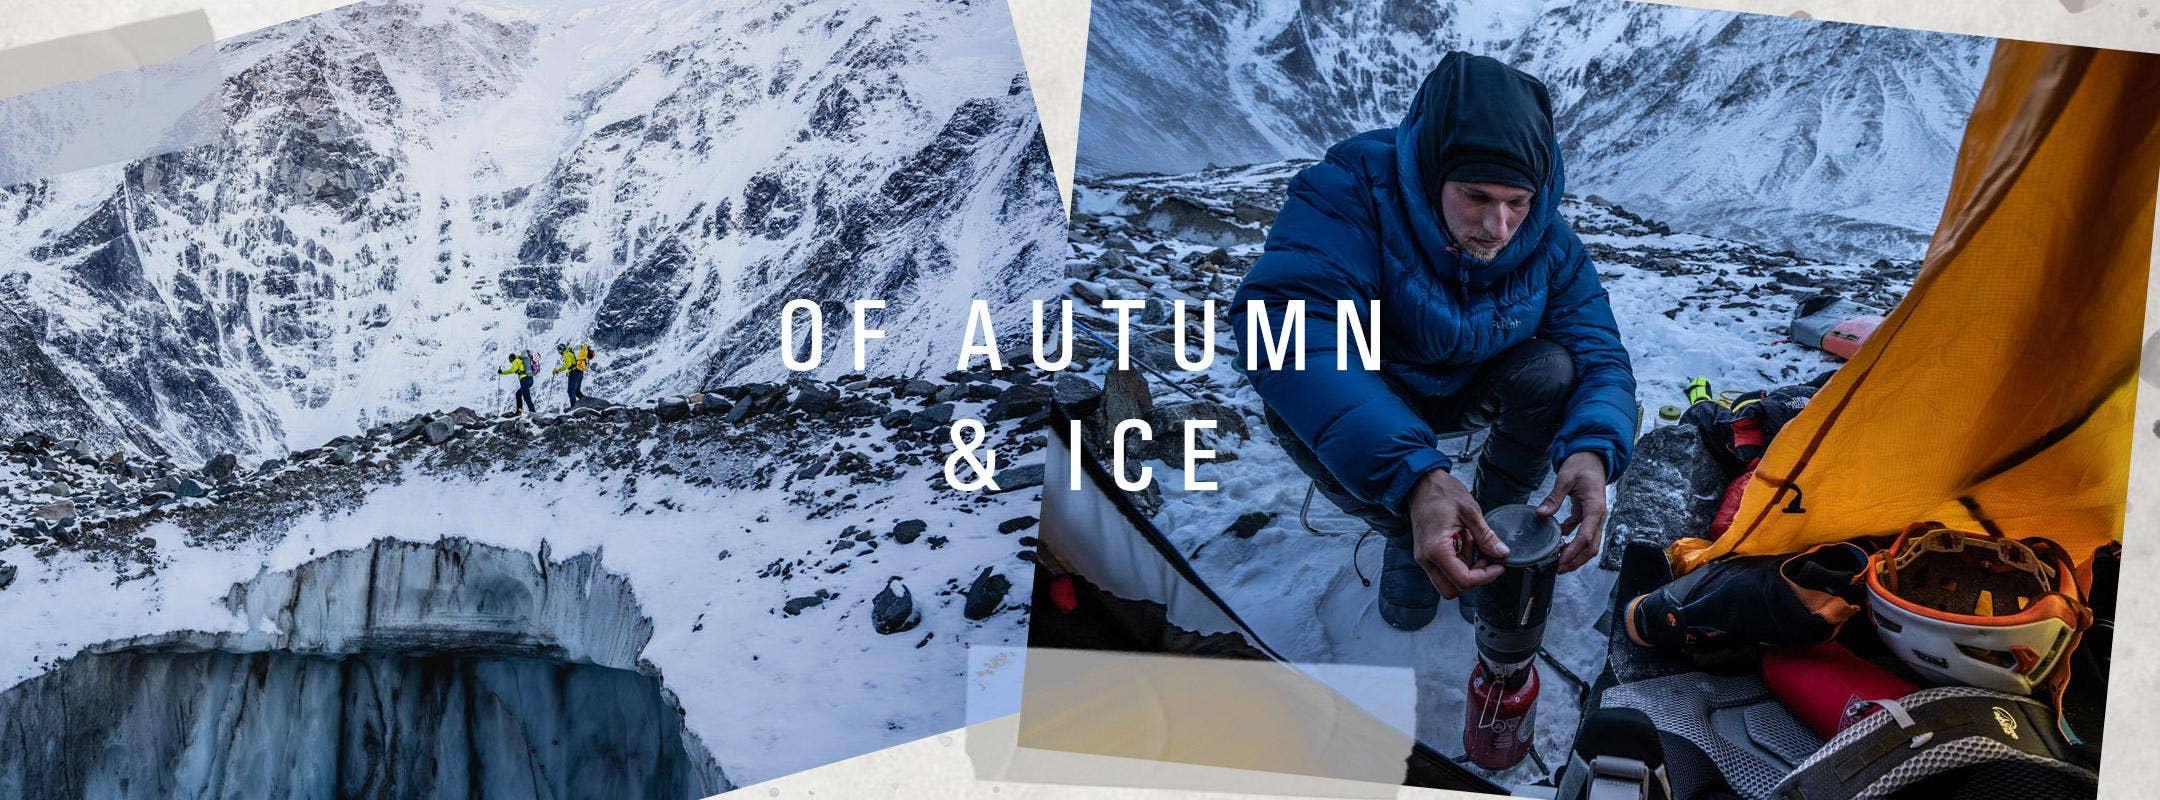 Of Autumn & Ice Part 2